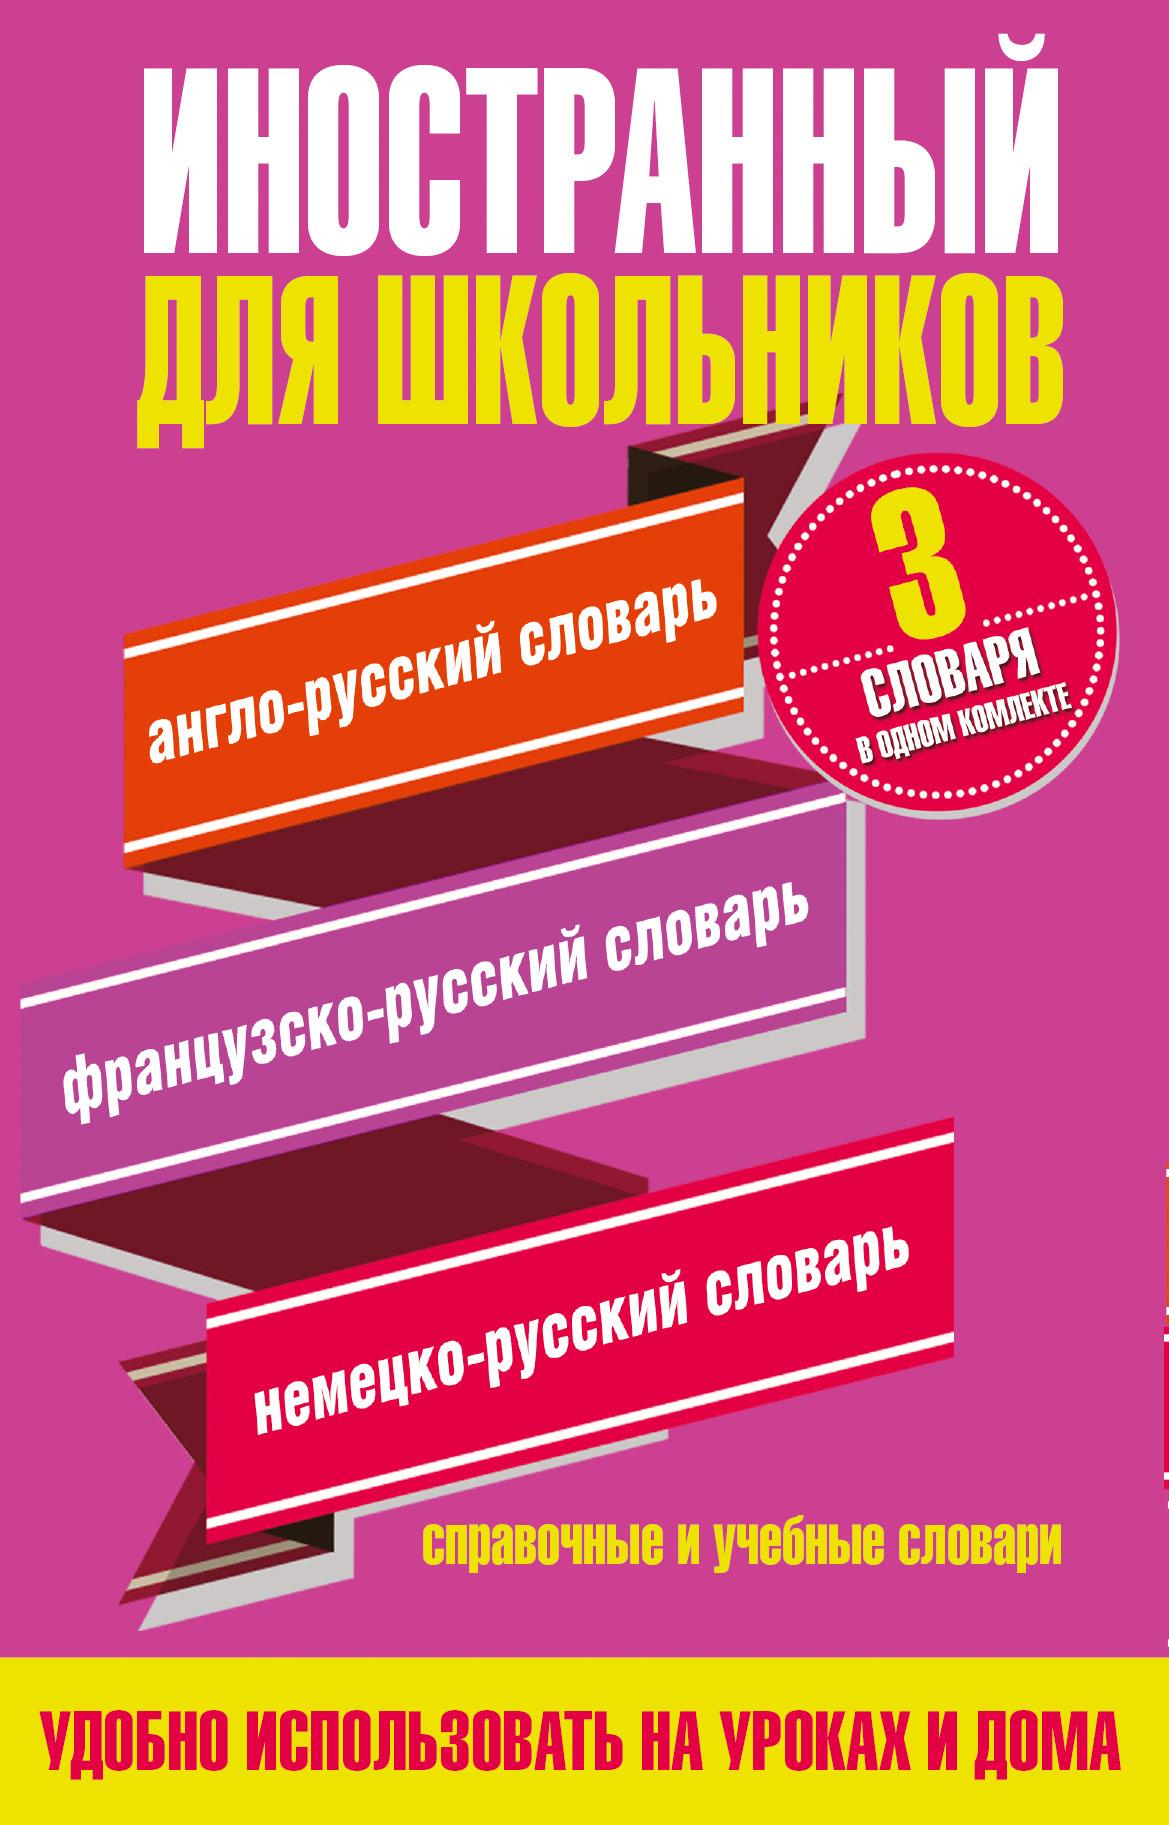 Иностранный для школьников. 3 словаря в одном комплекте русский язык для школьников 4 книги в одном комплекте